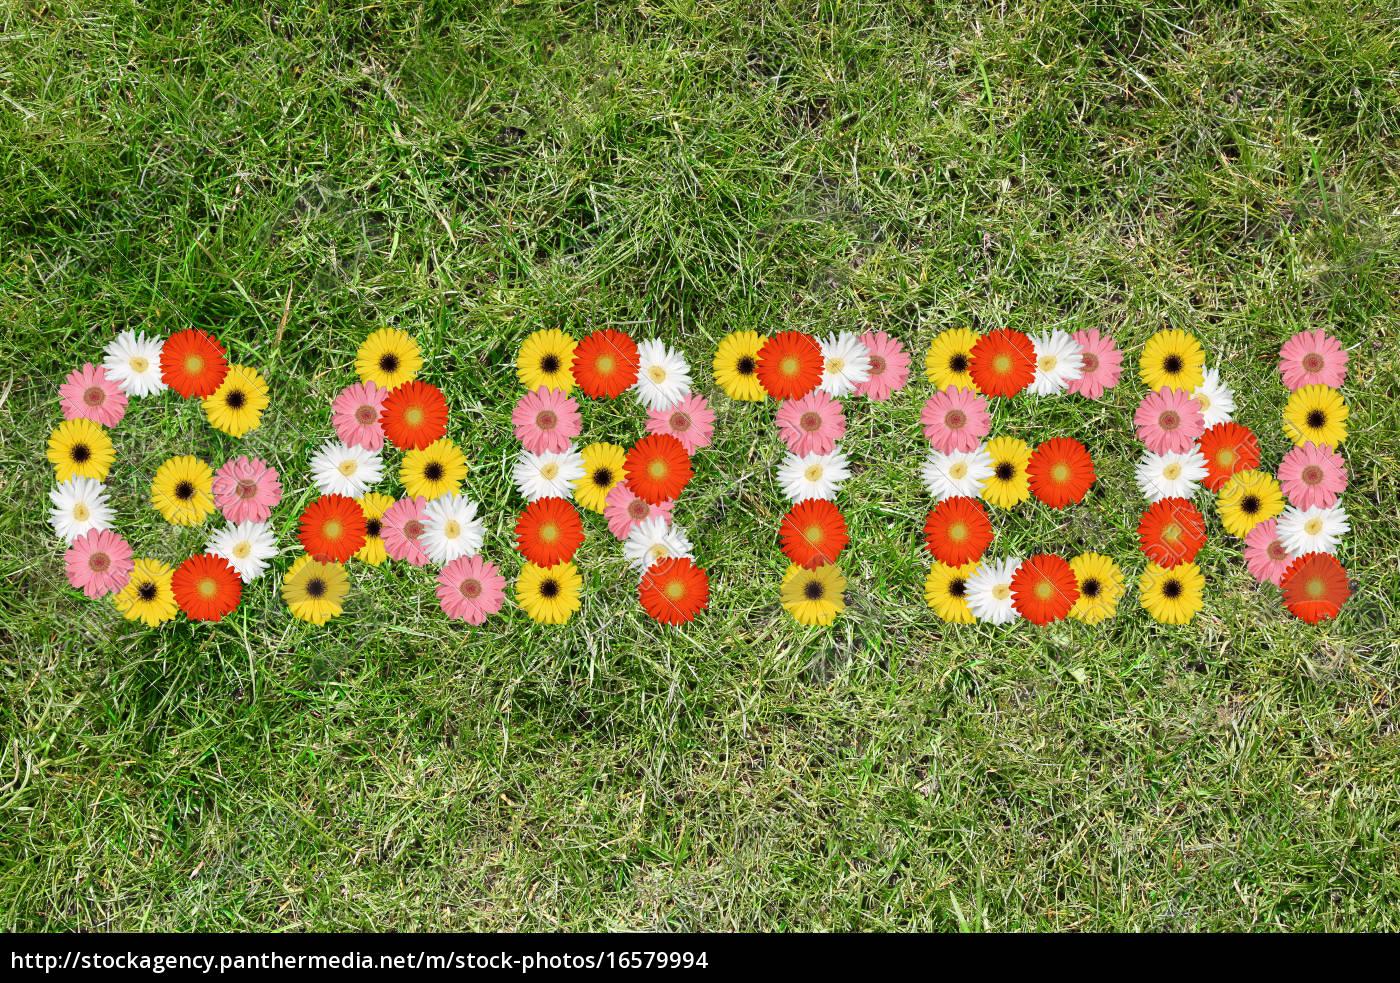 Garten Aus Blumen Blume Frühling Gras Wiese Rasen Stock Photo